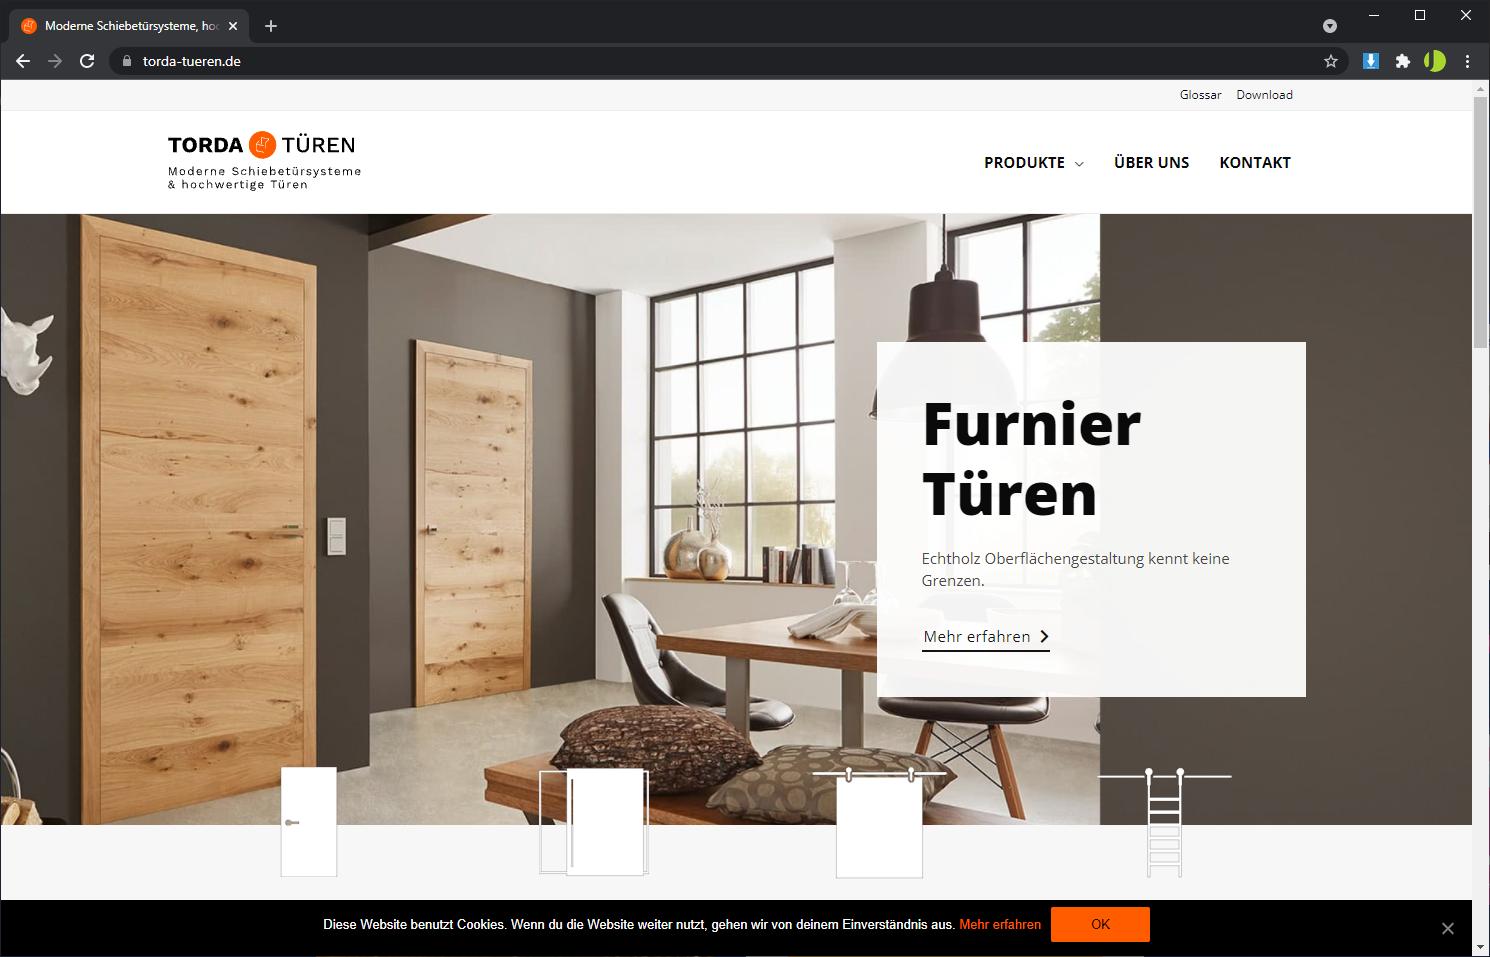 Homepage Erstellung mit WordPress - Torda Türen